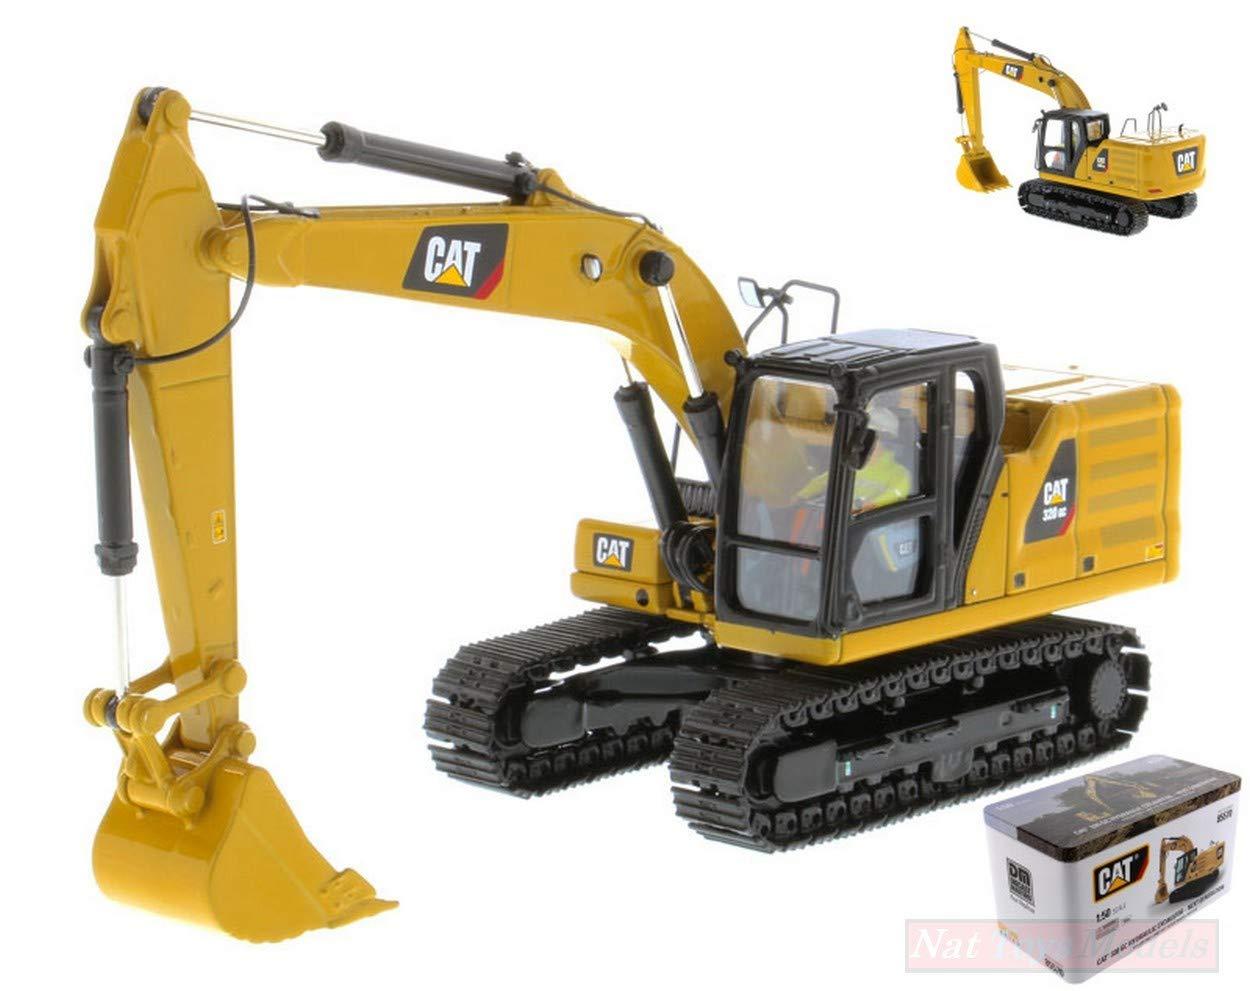 Ven a elegir tu propio estilo deportivo. DIECAST Master DM85570 Cat 320 GC GC GC Hydraulic Excavator Next GENERAT.1:50 Die Cast  100% precio garantizado